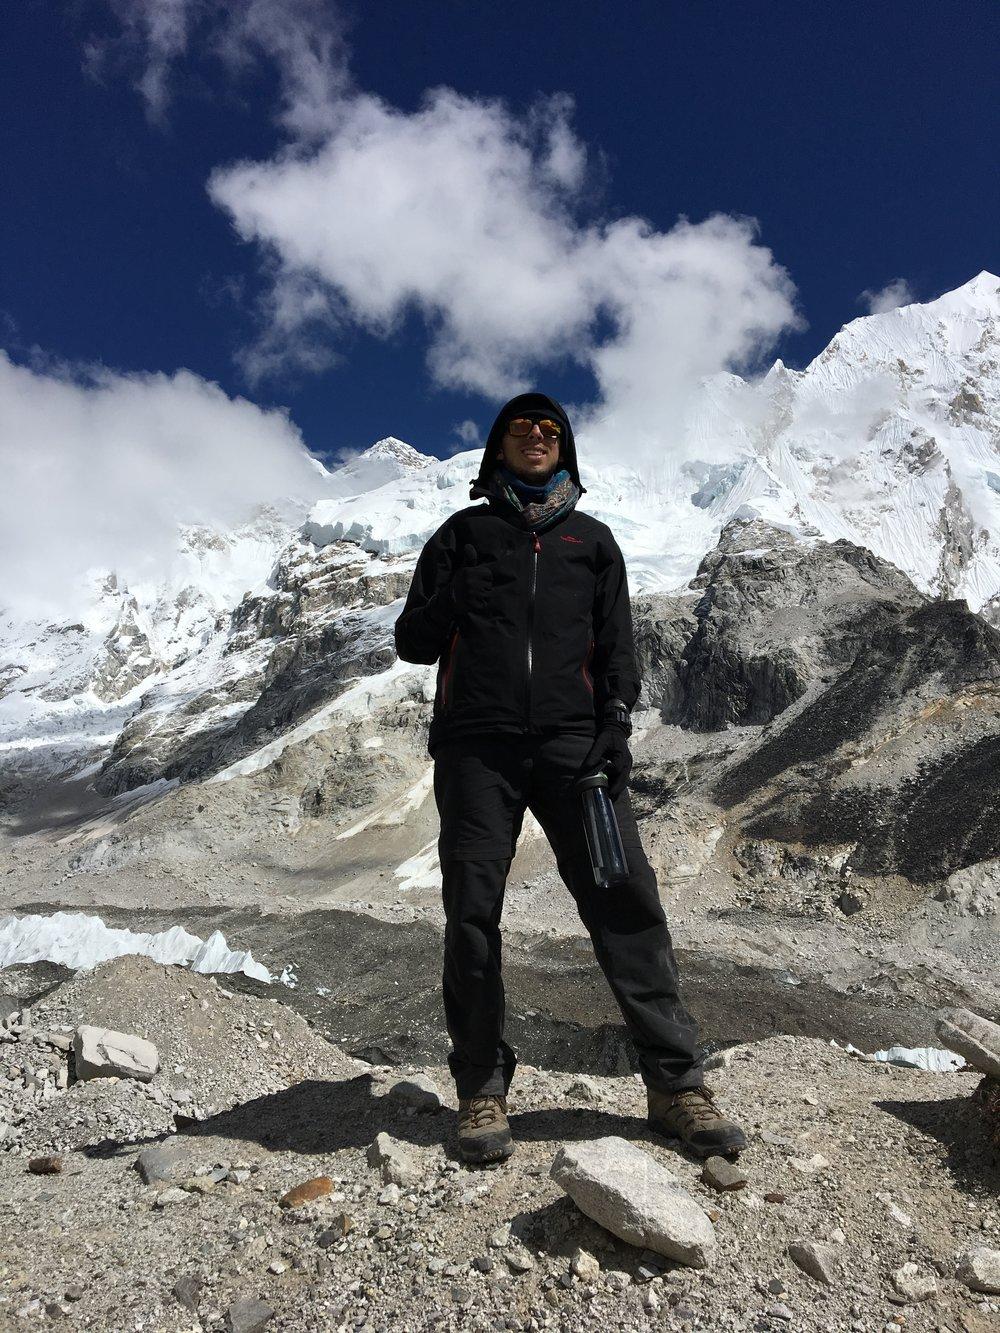 Gorakshep - Himalayas (2017)